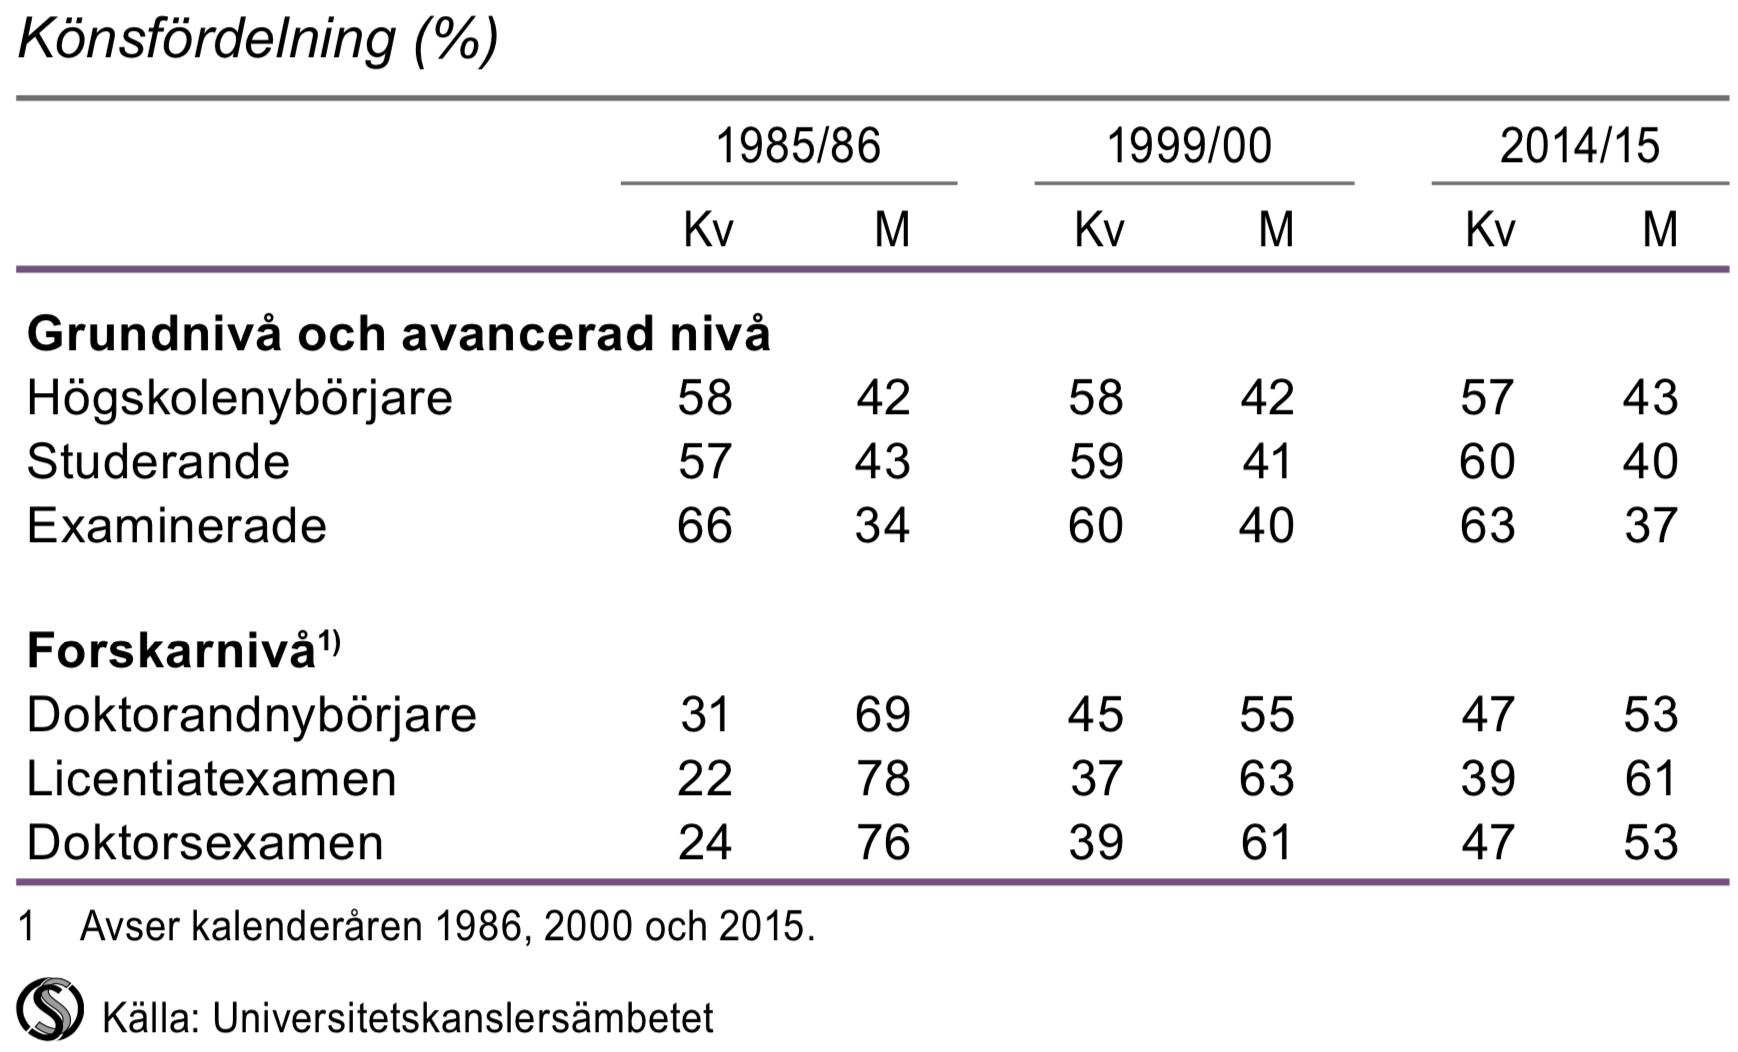 Studerande och examinerade från högskolan 1985-86, 1999/00 och 2014/15